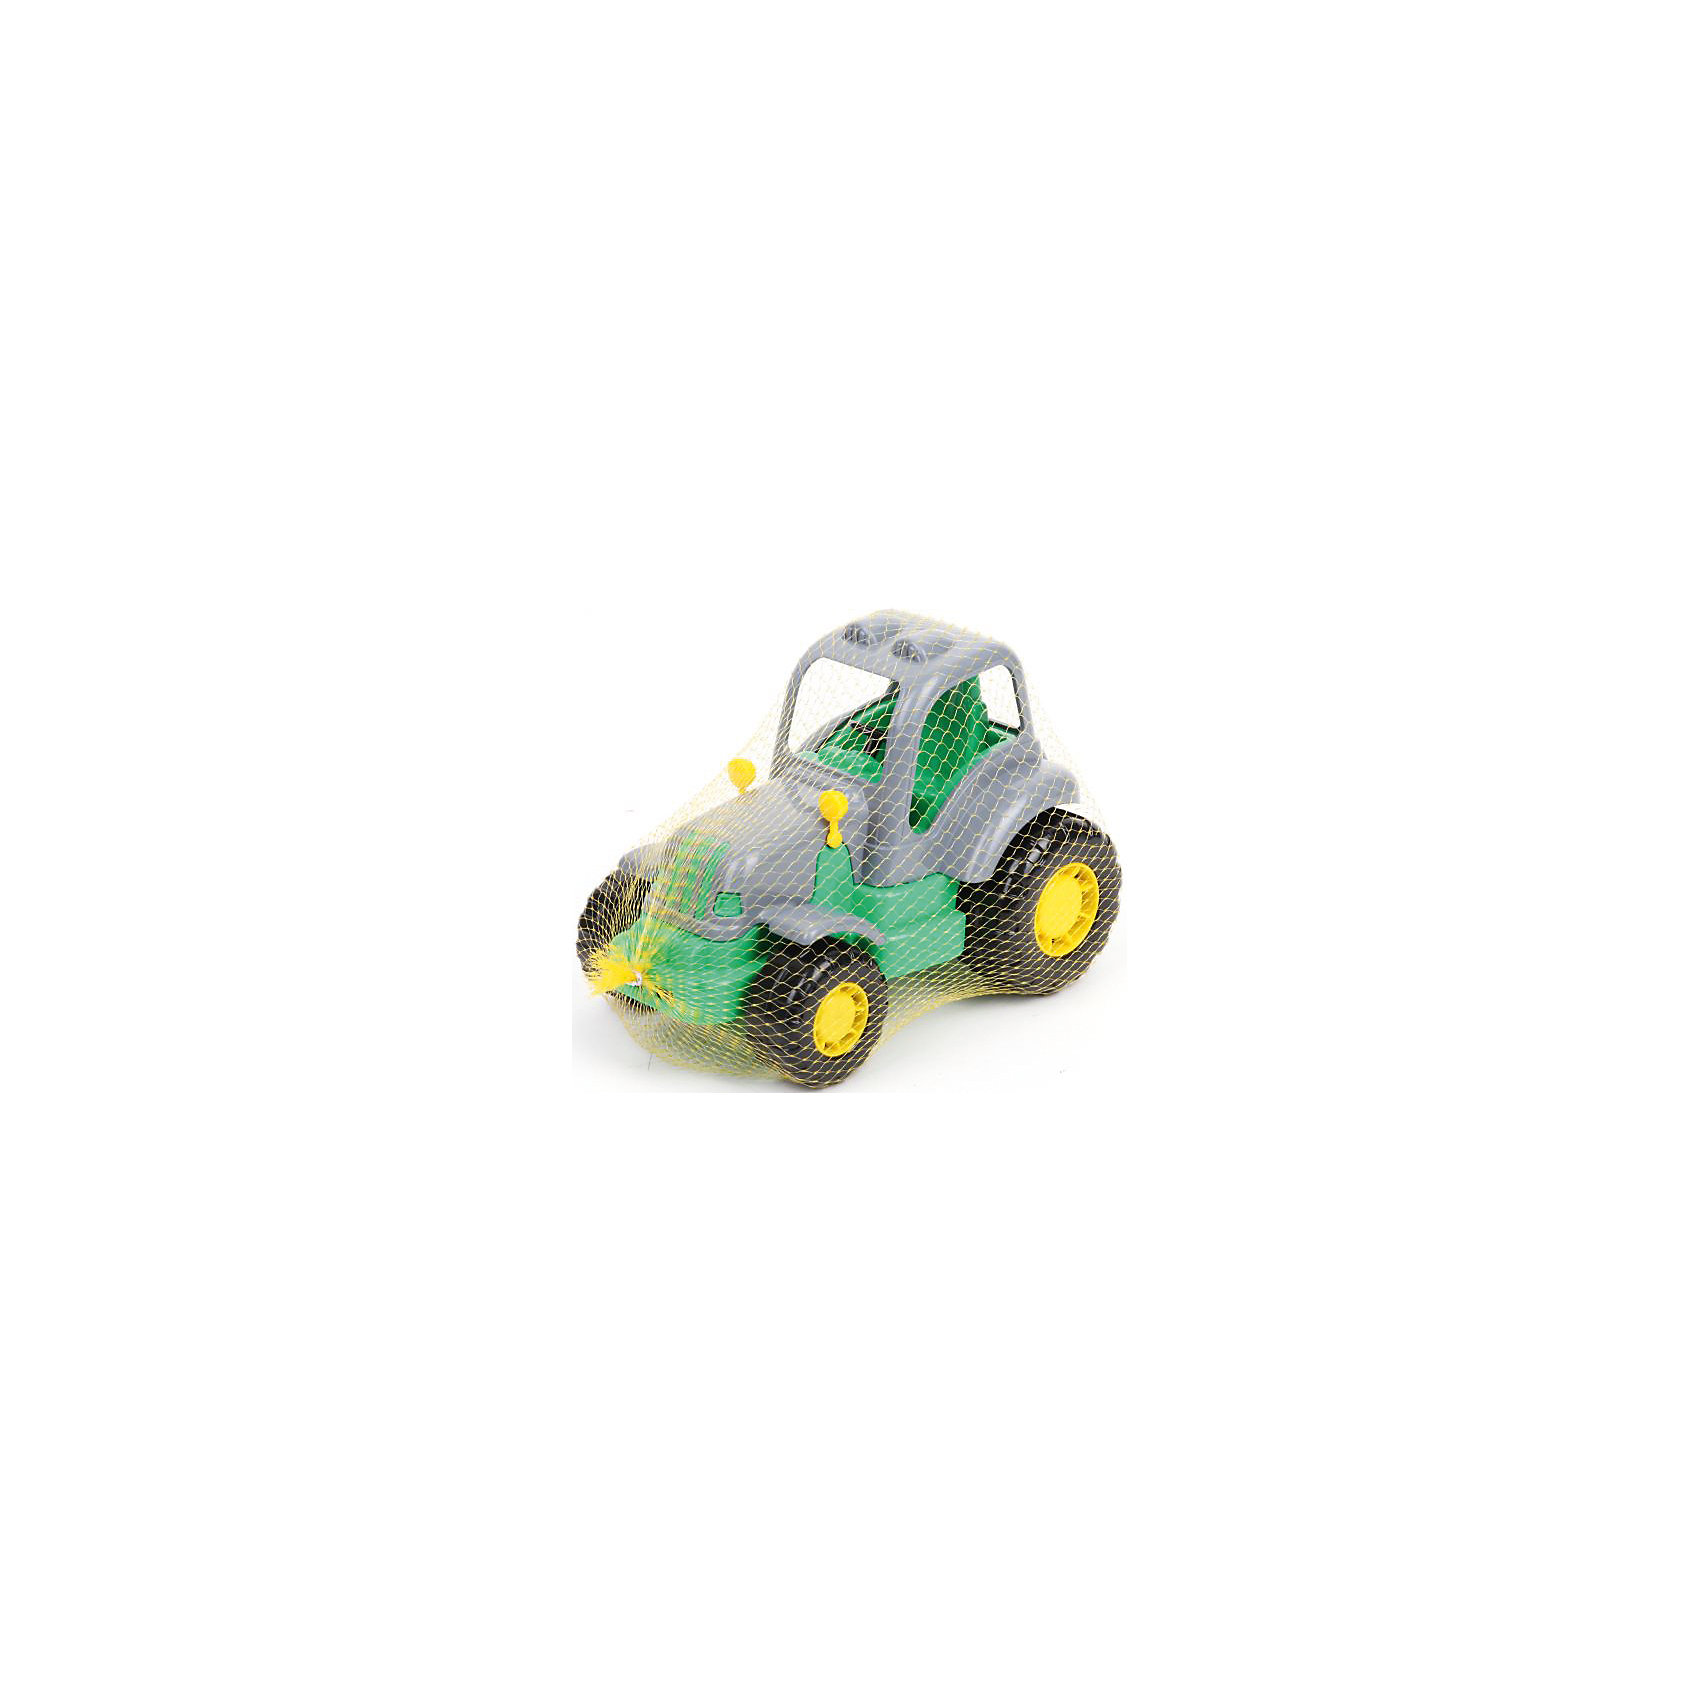 Полесье Трактор Крепыш, Полесье машина детская полесье полесье каталка трактор митя